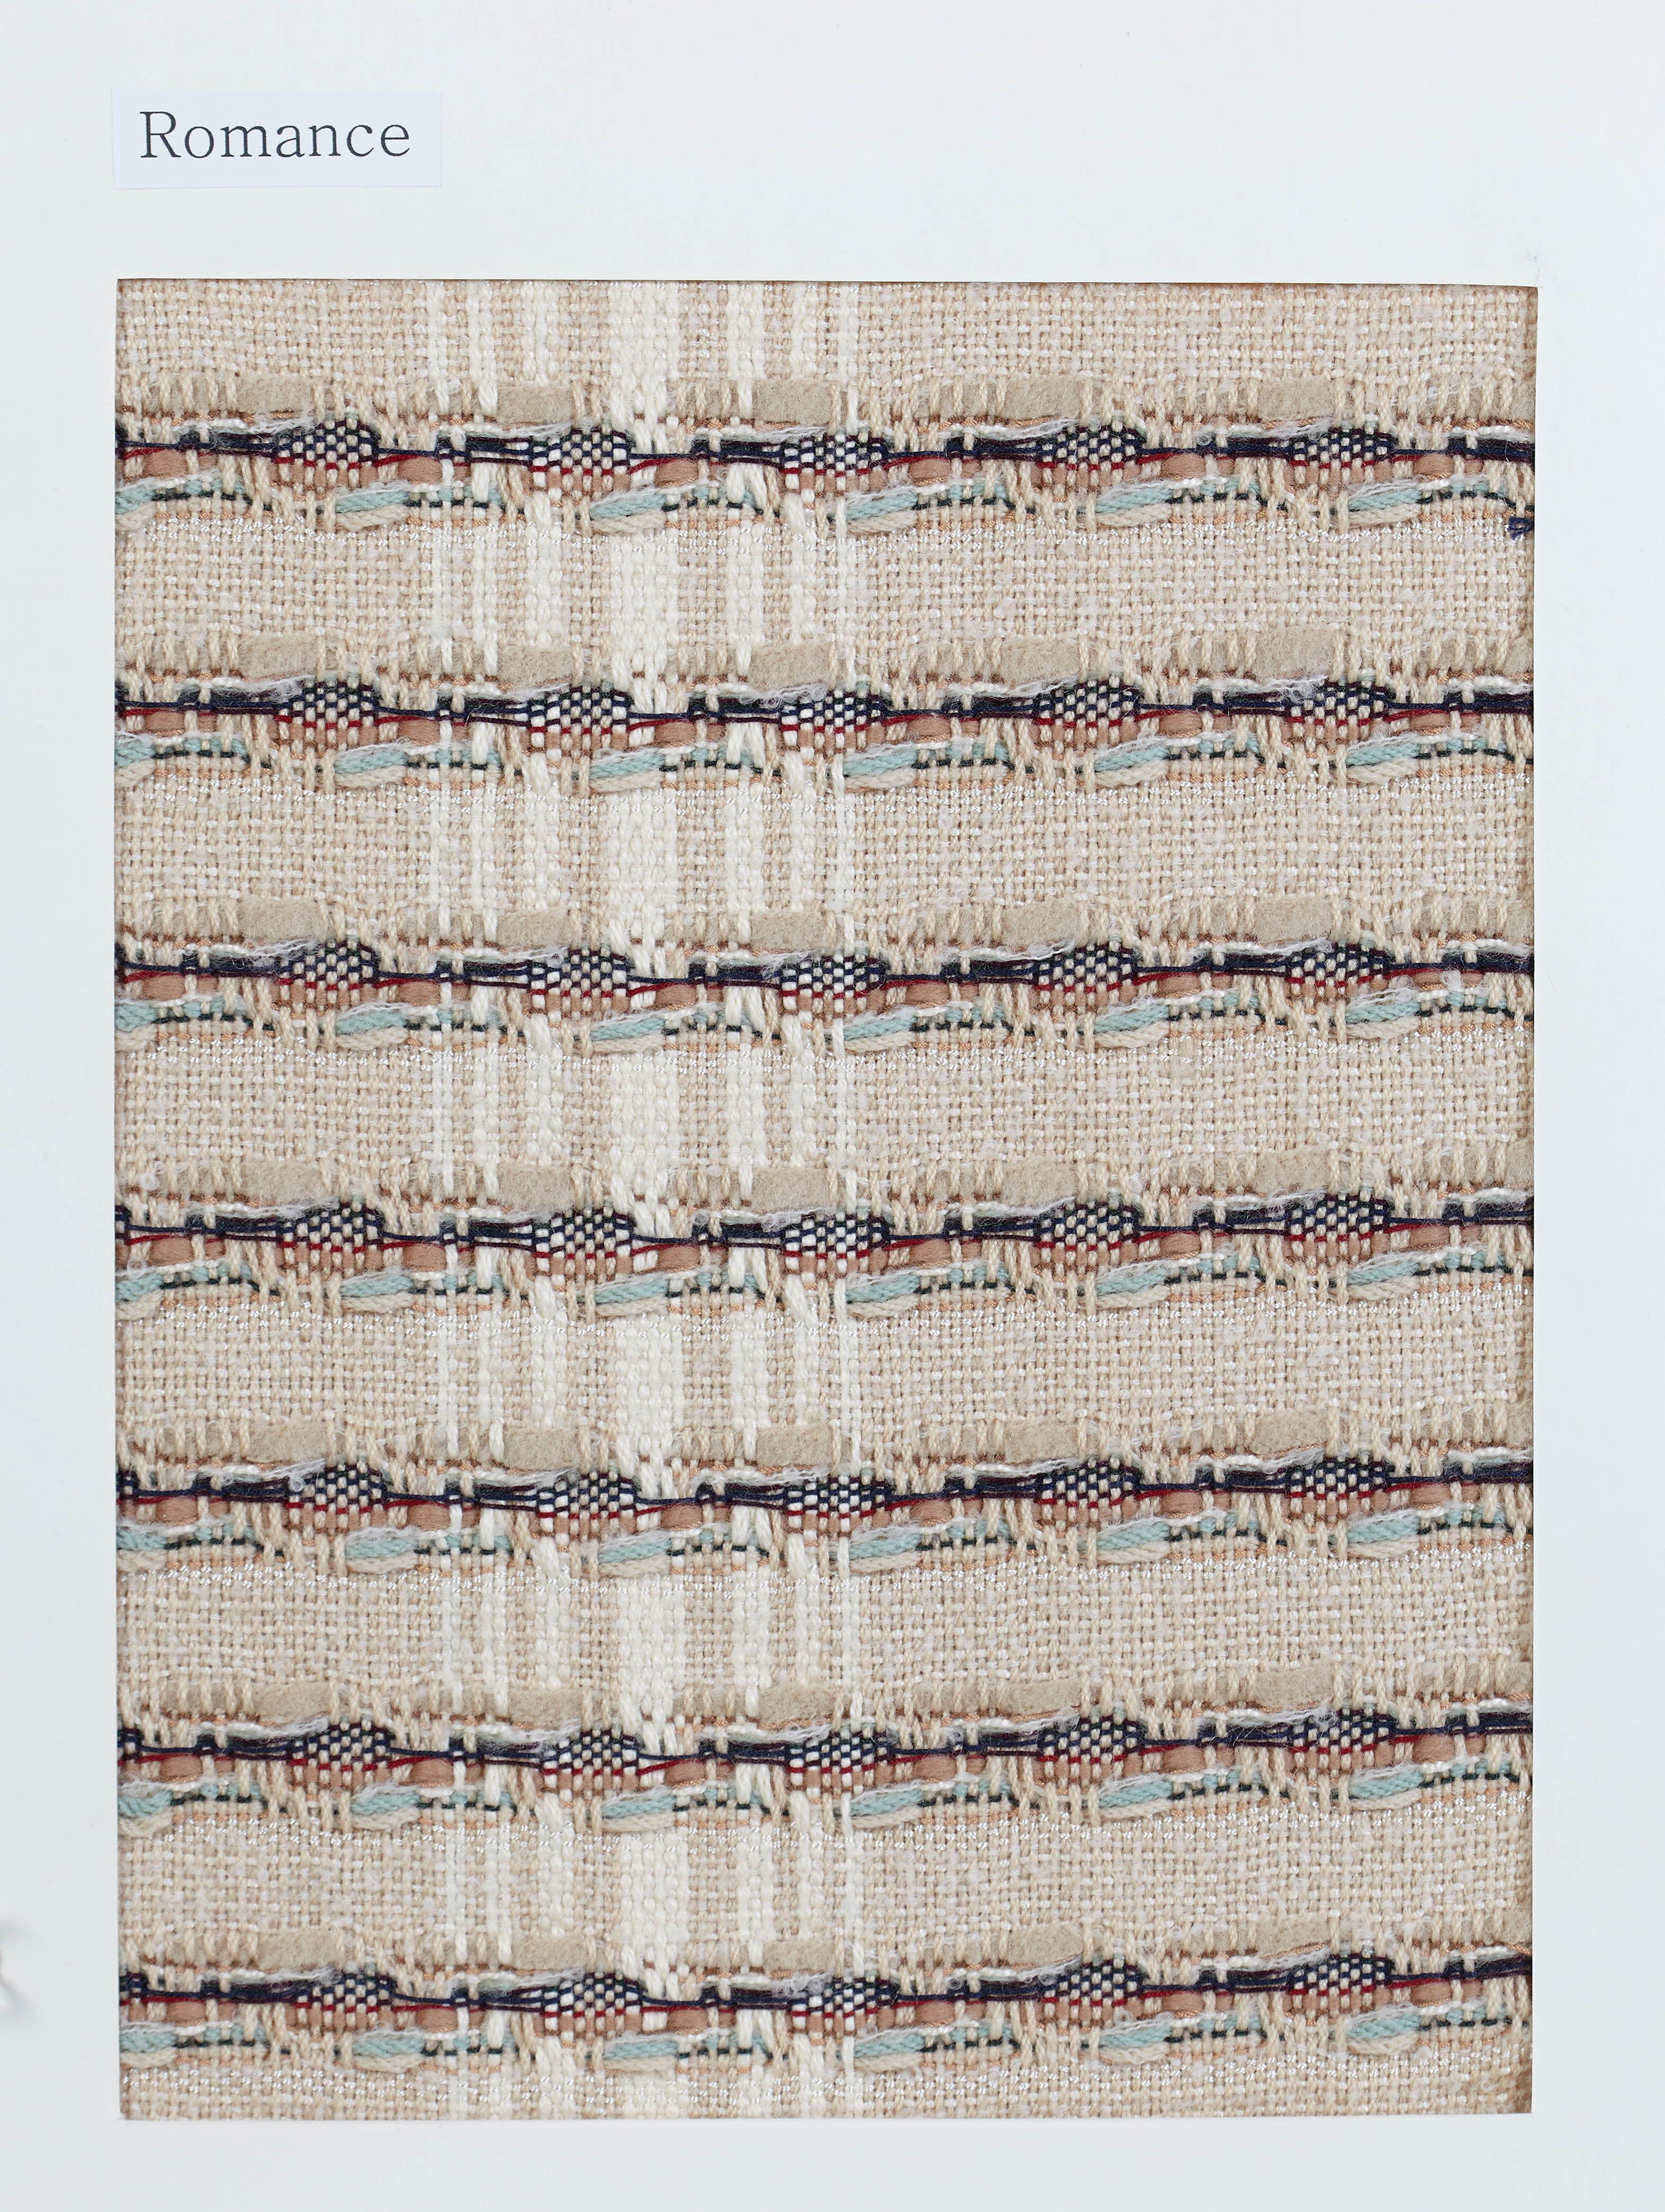 13. weaving2-romance